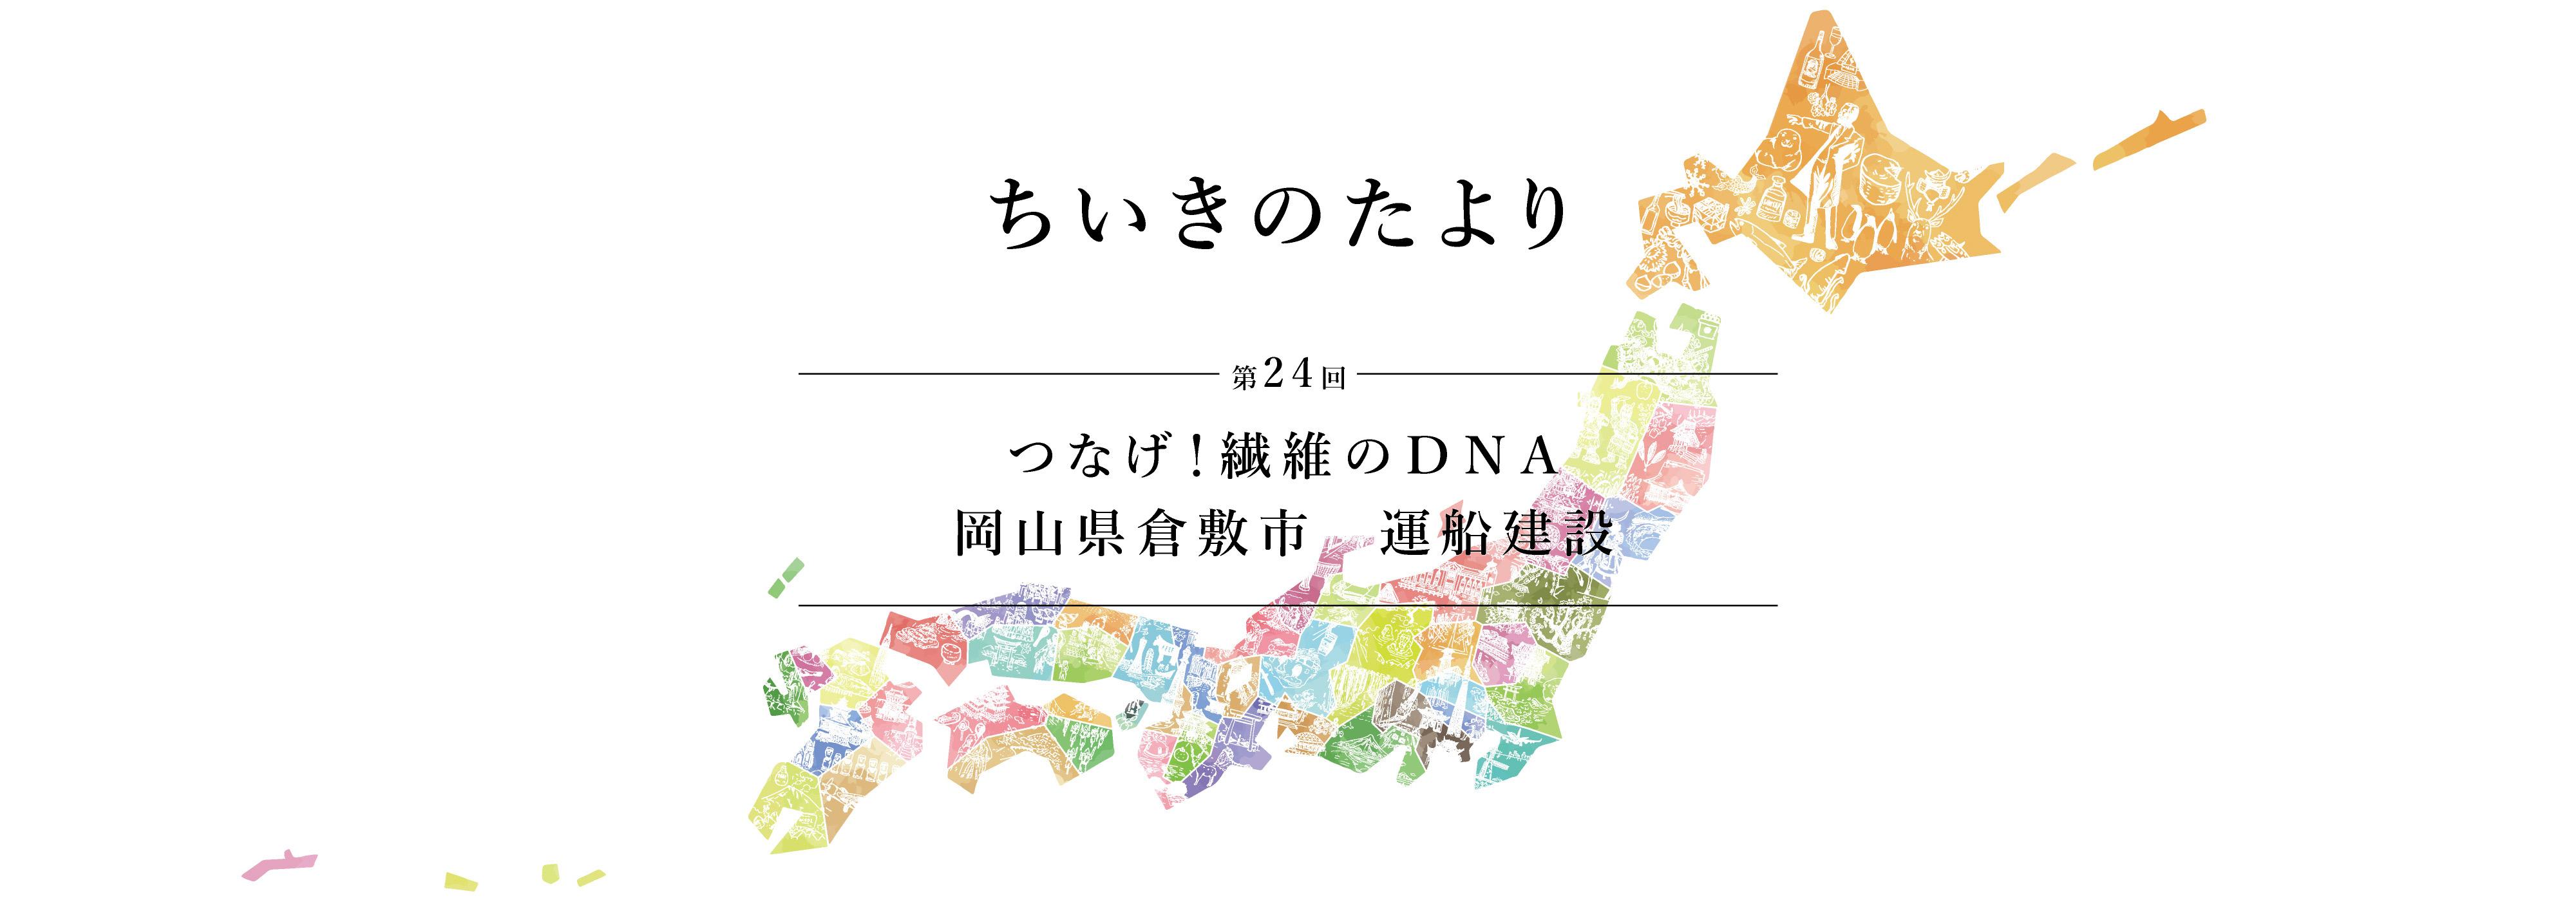 ちいきのたより第24回つなげ繊維のDNA岡山県倉敷市運船建設